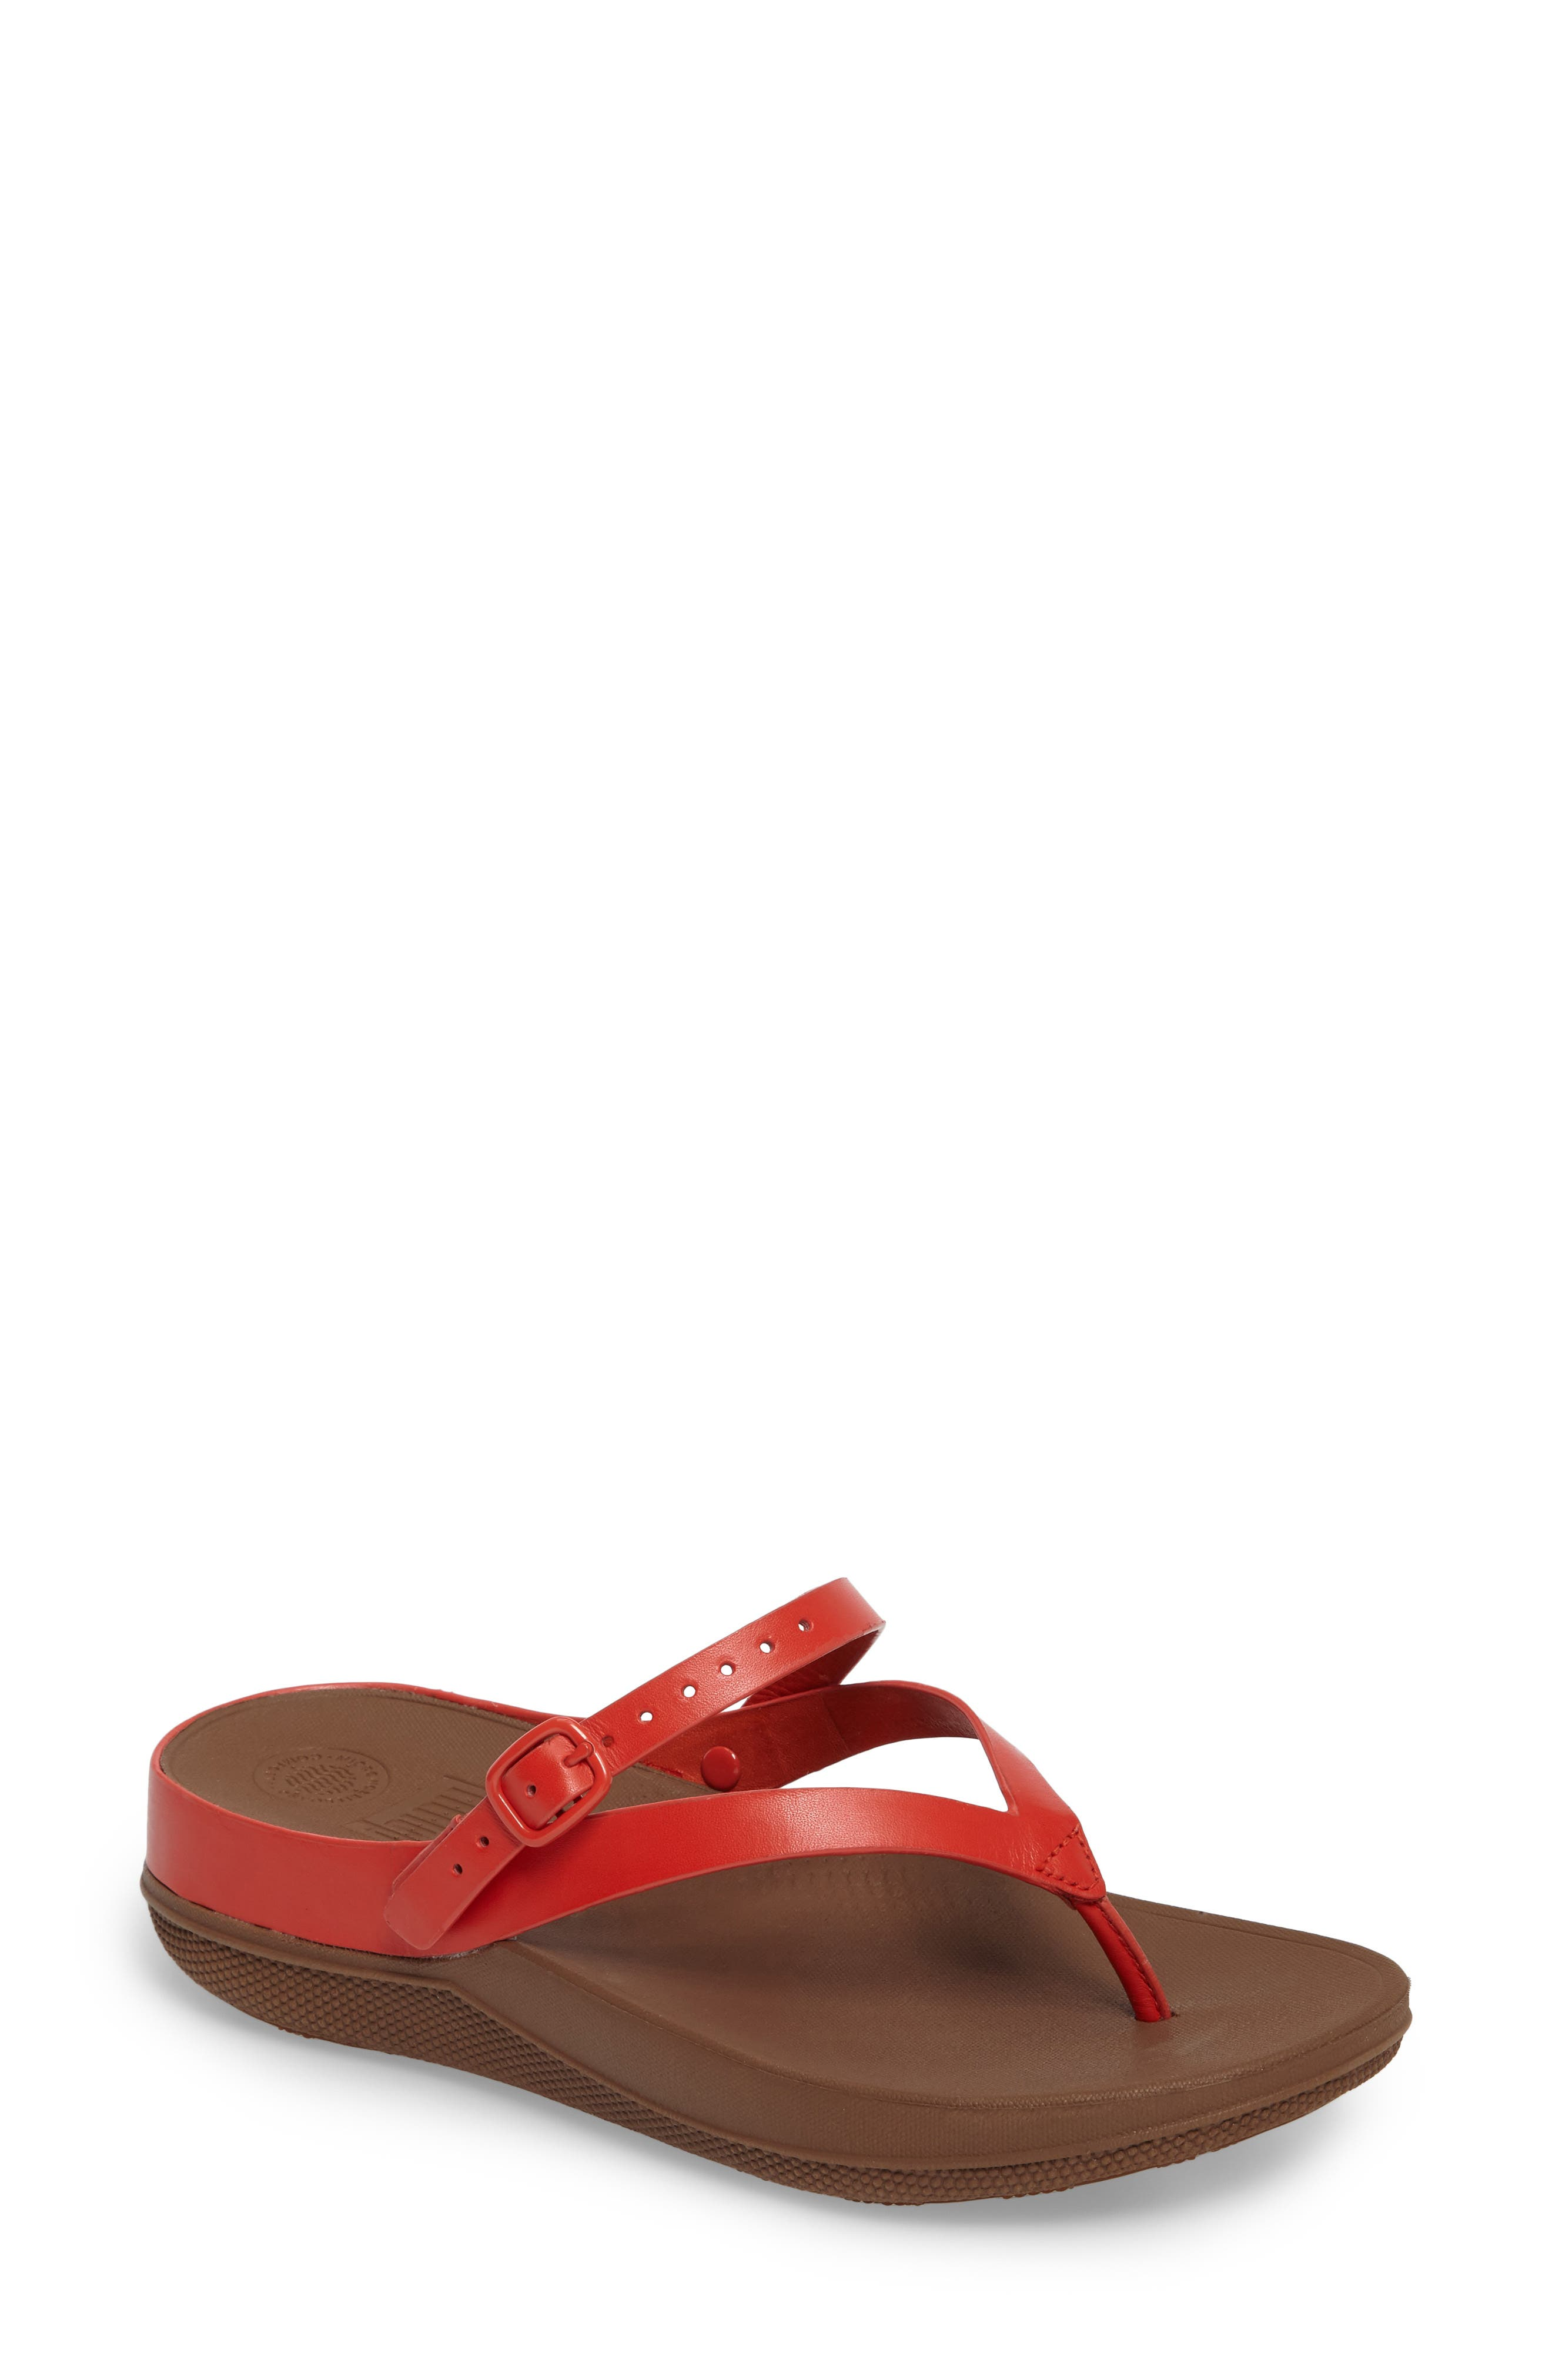 FitFlop™ Flip Sandal (Women)